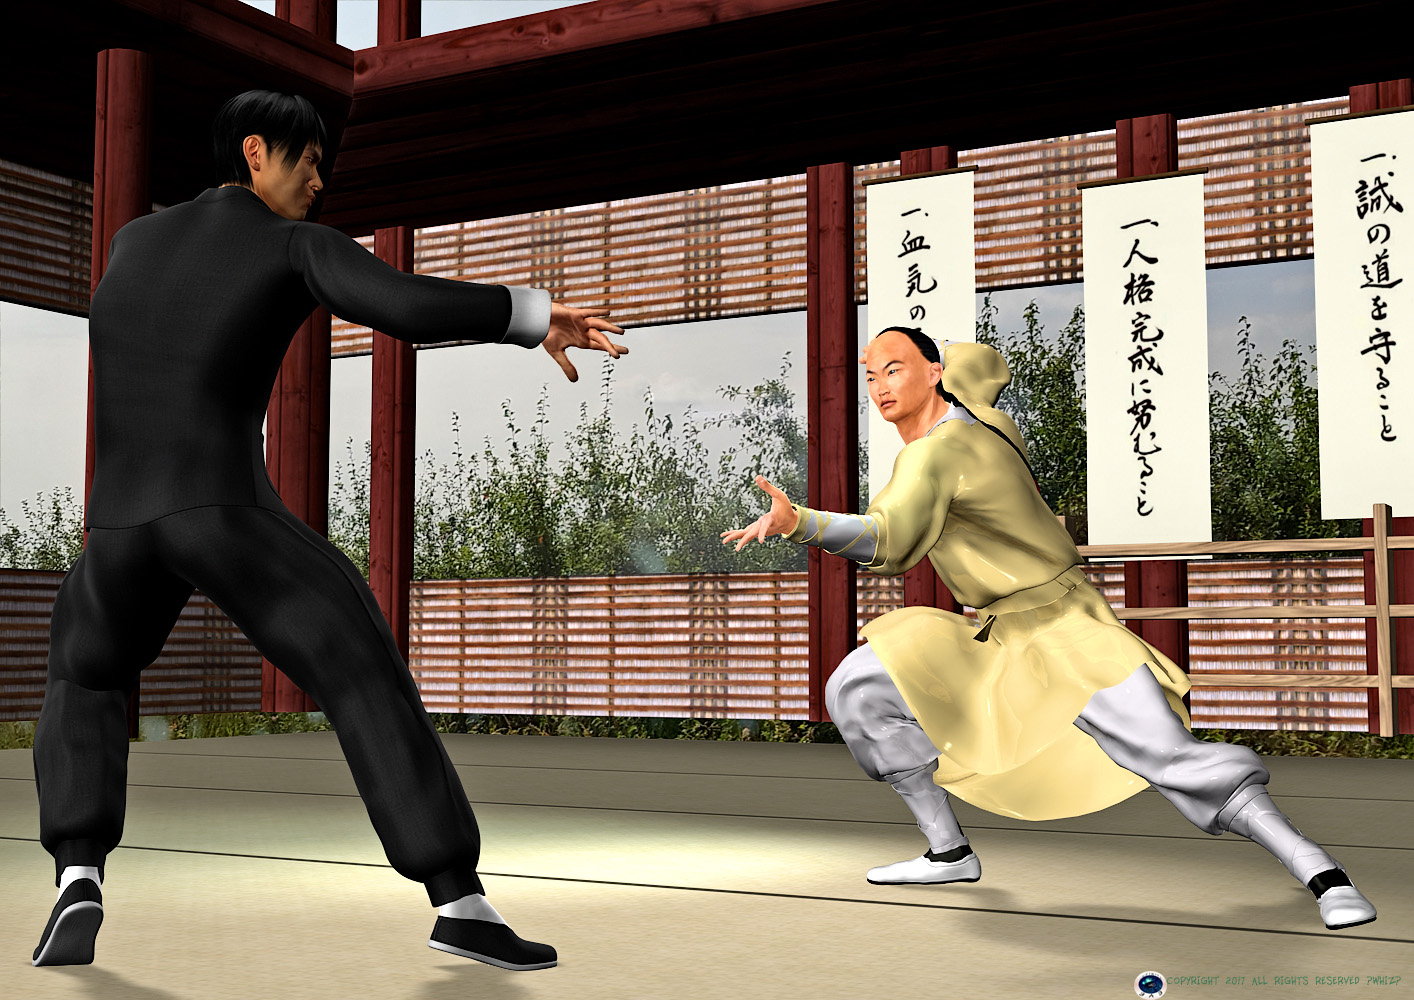 chen zhen vs wong fei hung